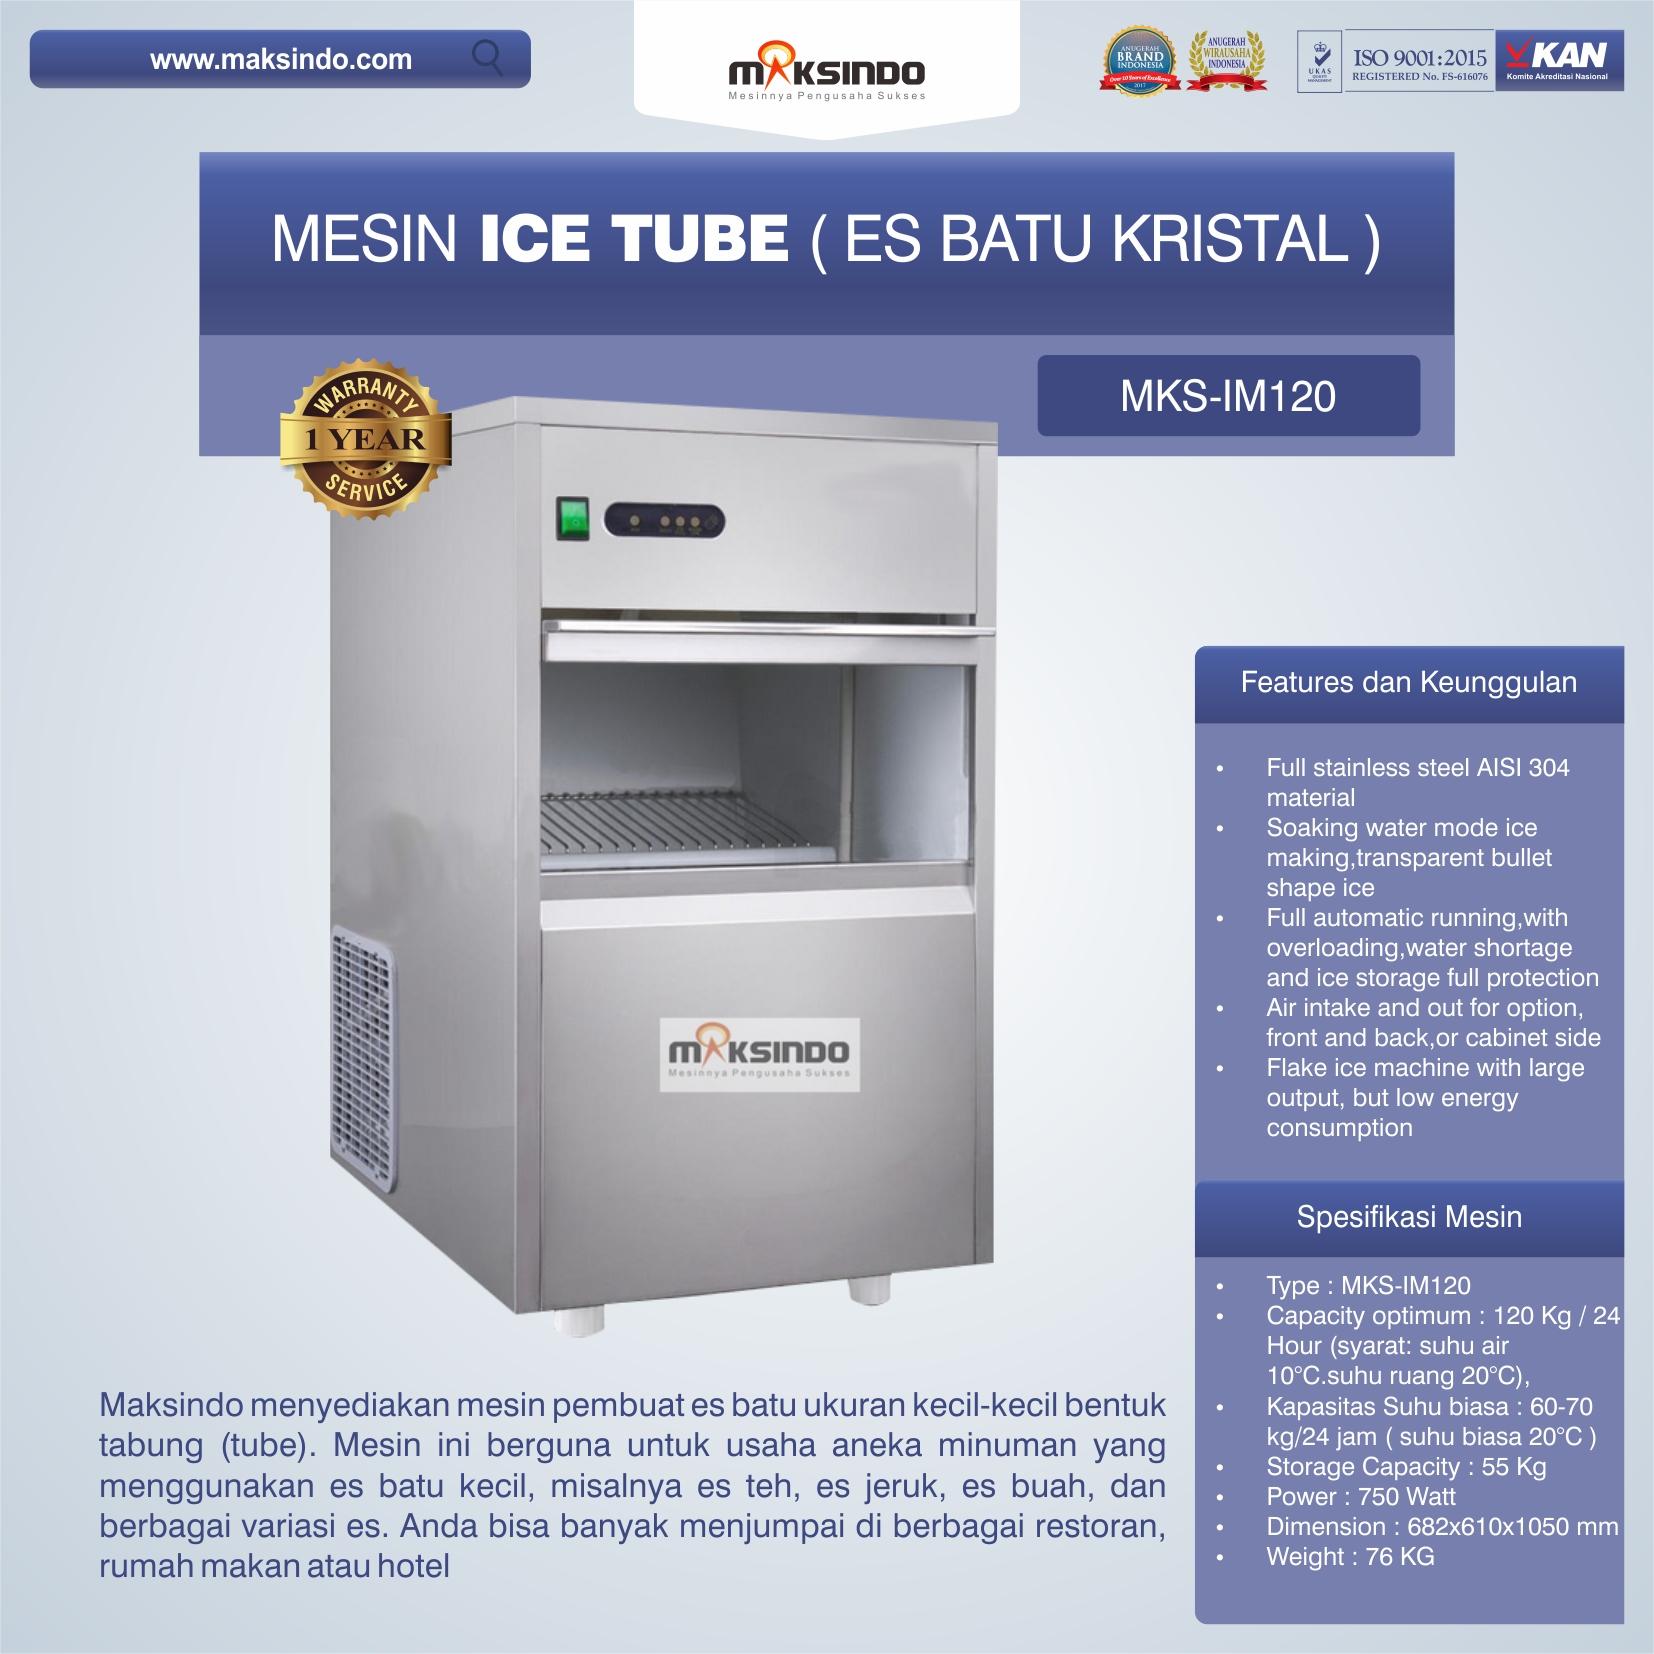 Jual Mesin Ice Tube (Es Batu Kristal) – IM120 di Bekasi